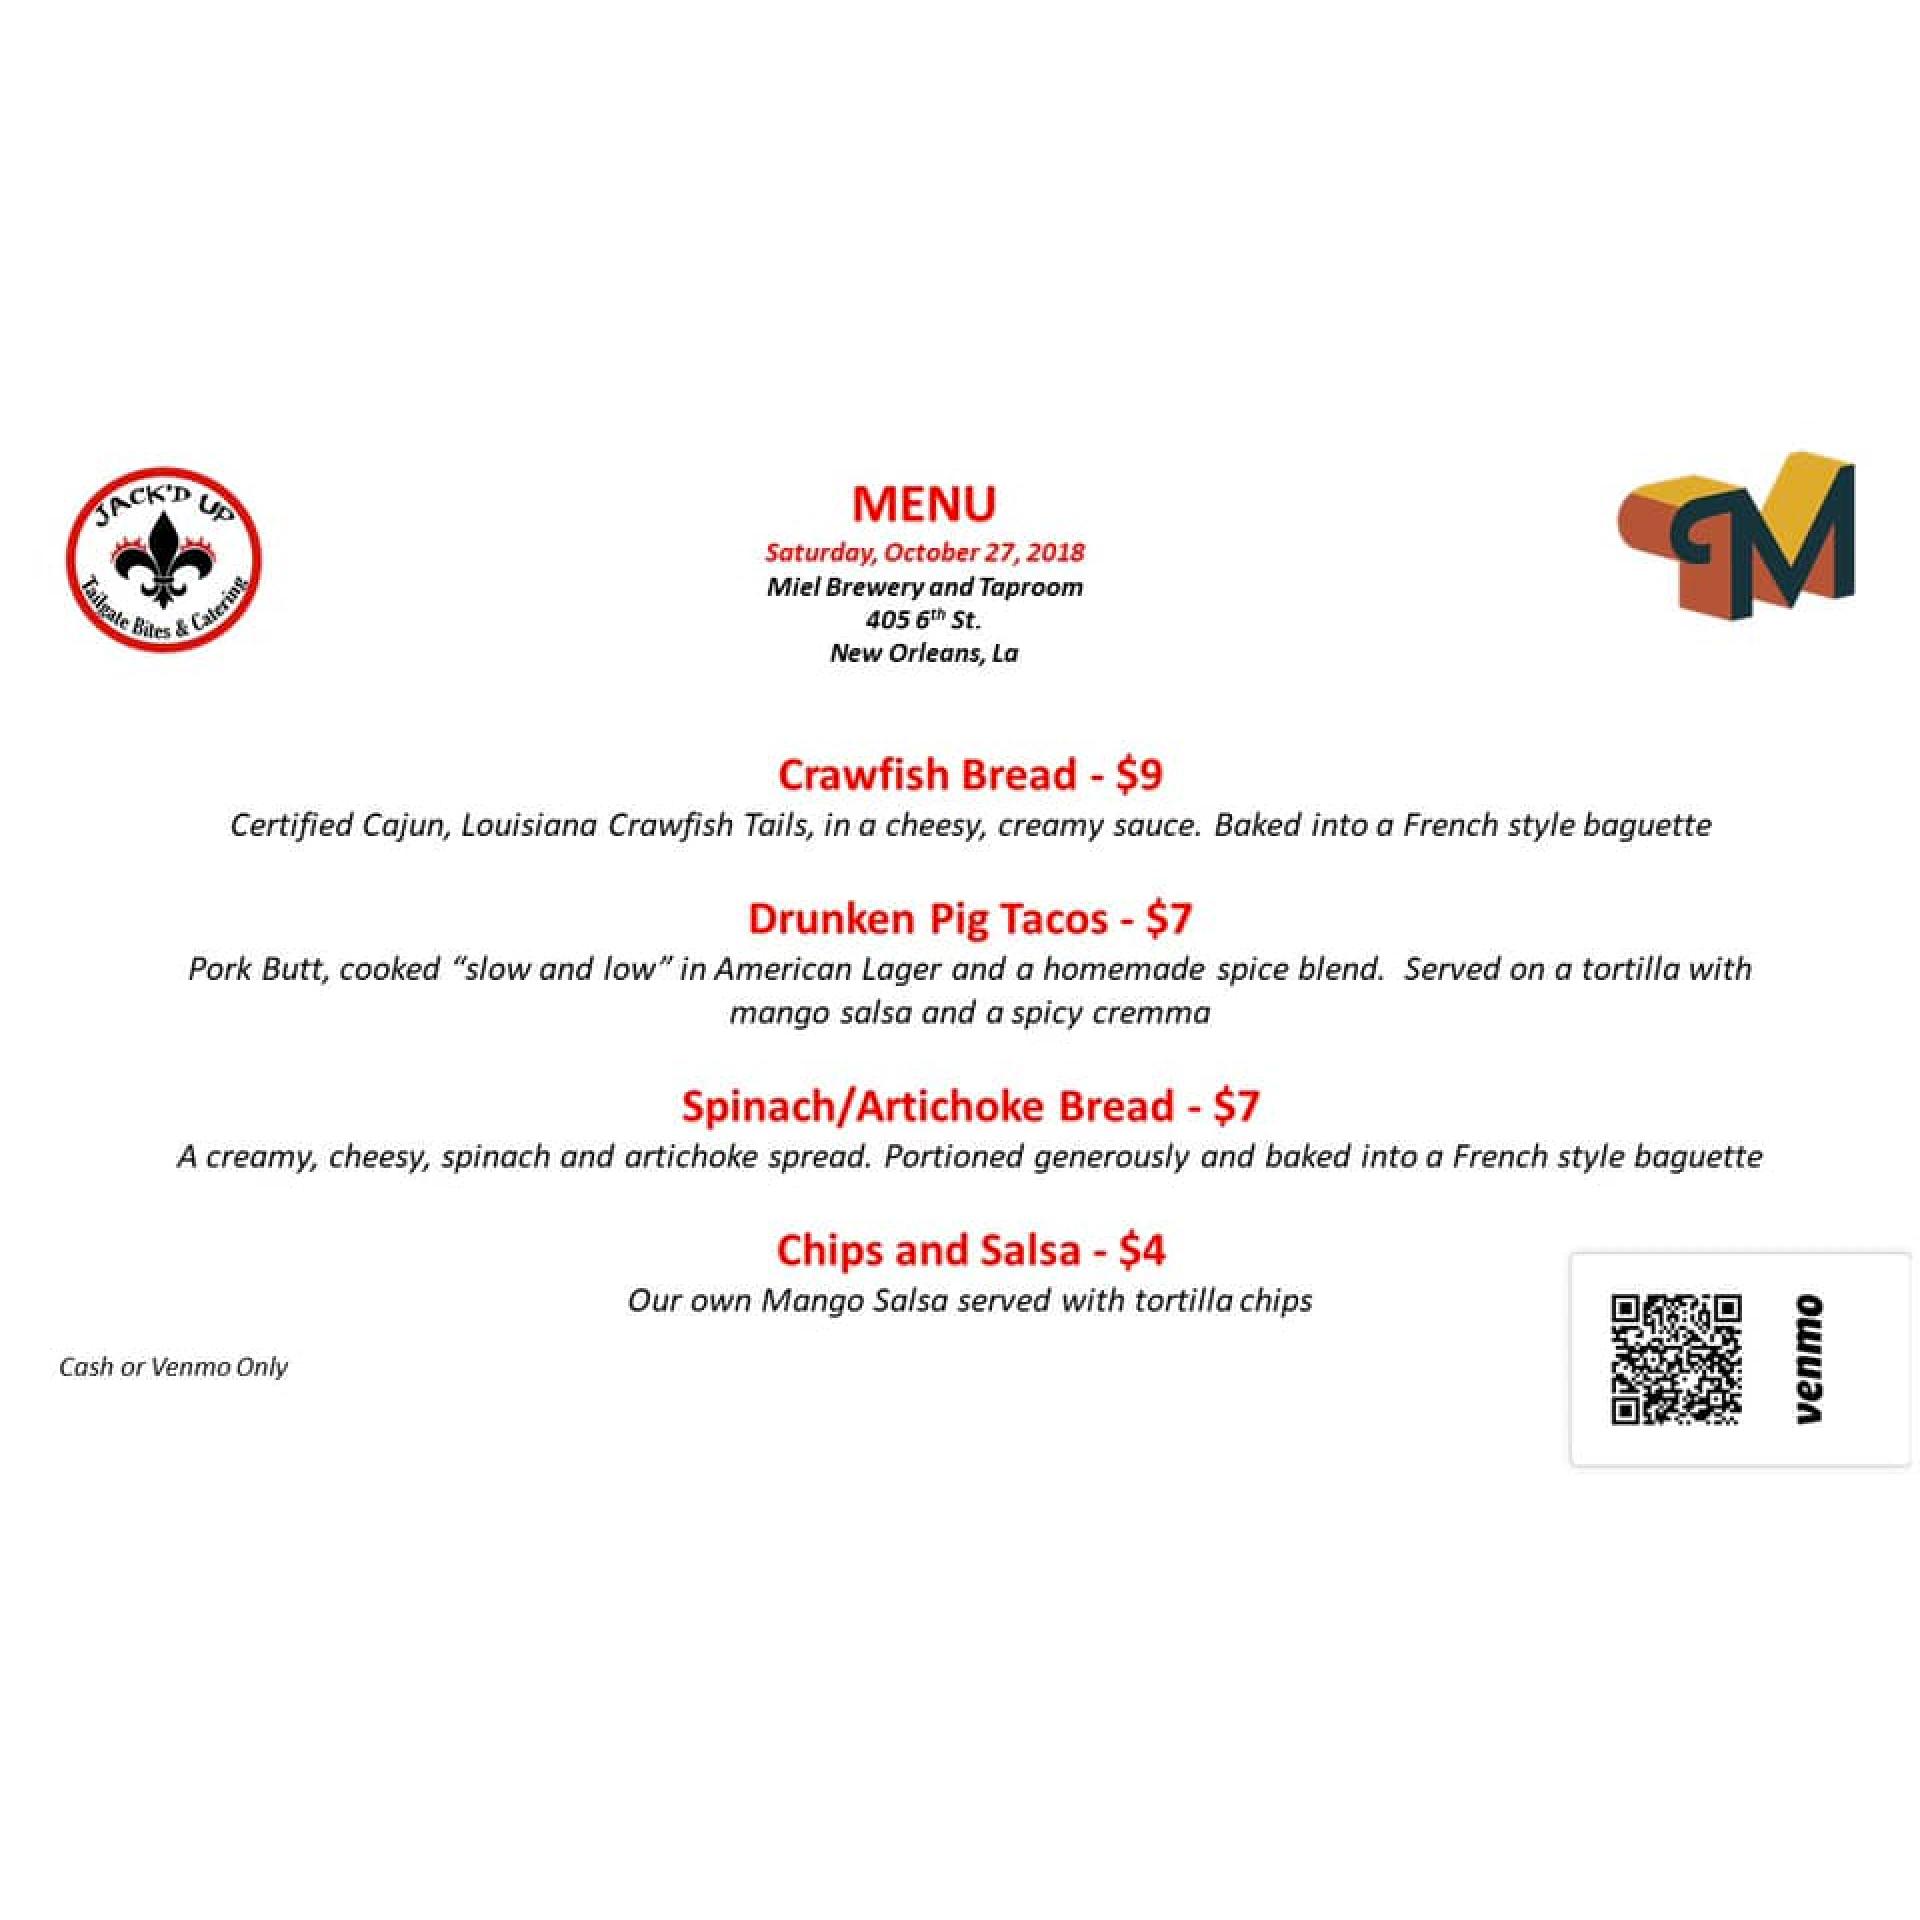 Miel Brewery_Jackd up pop up menu